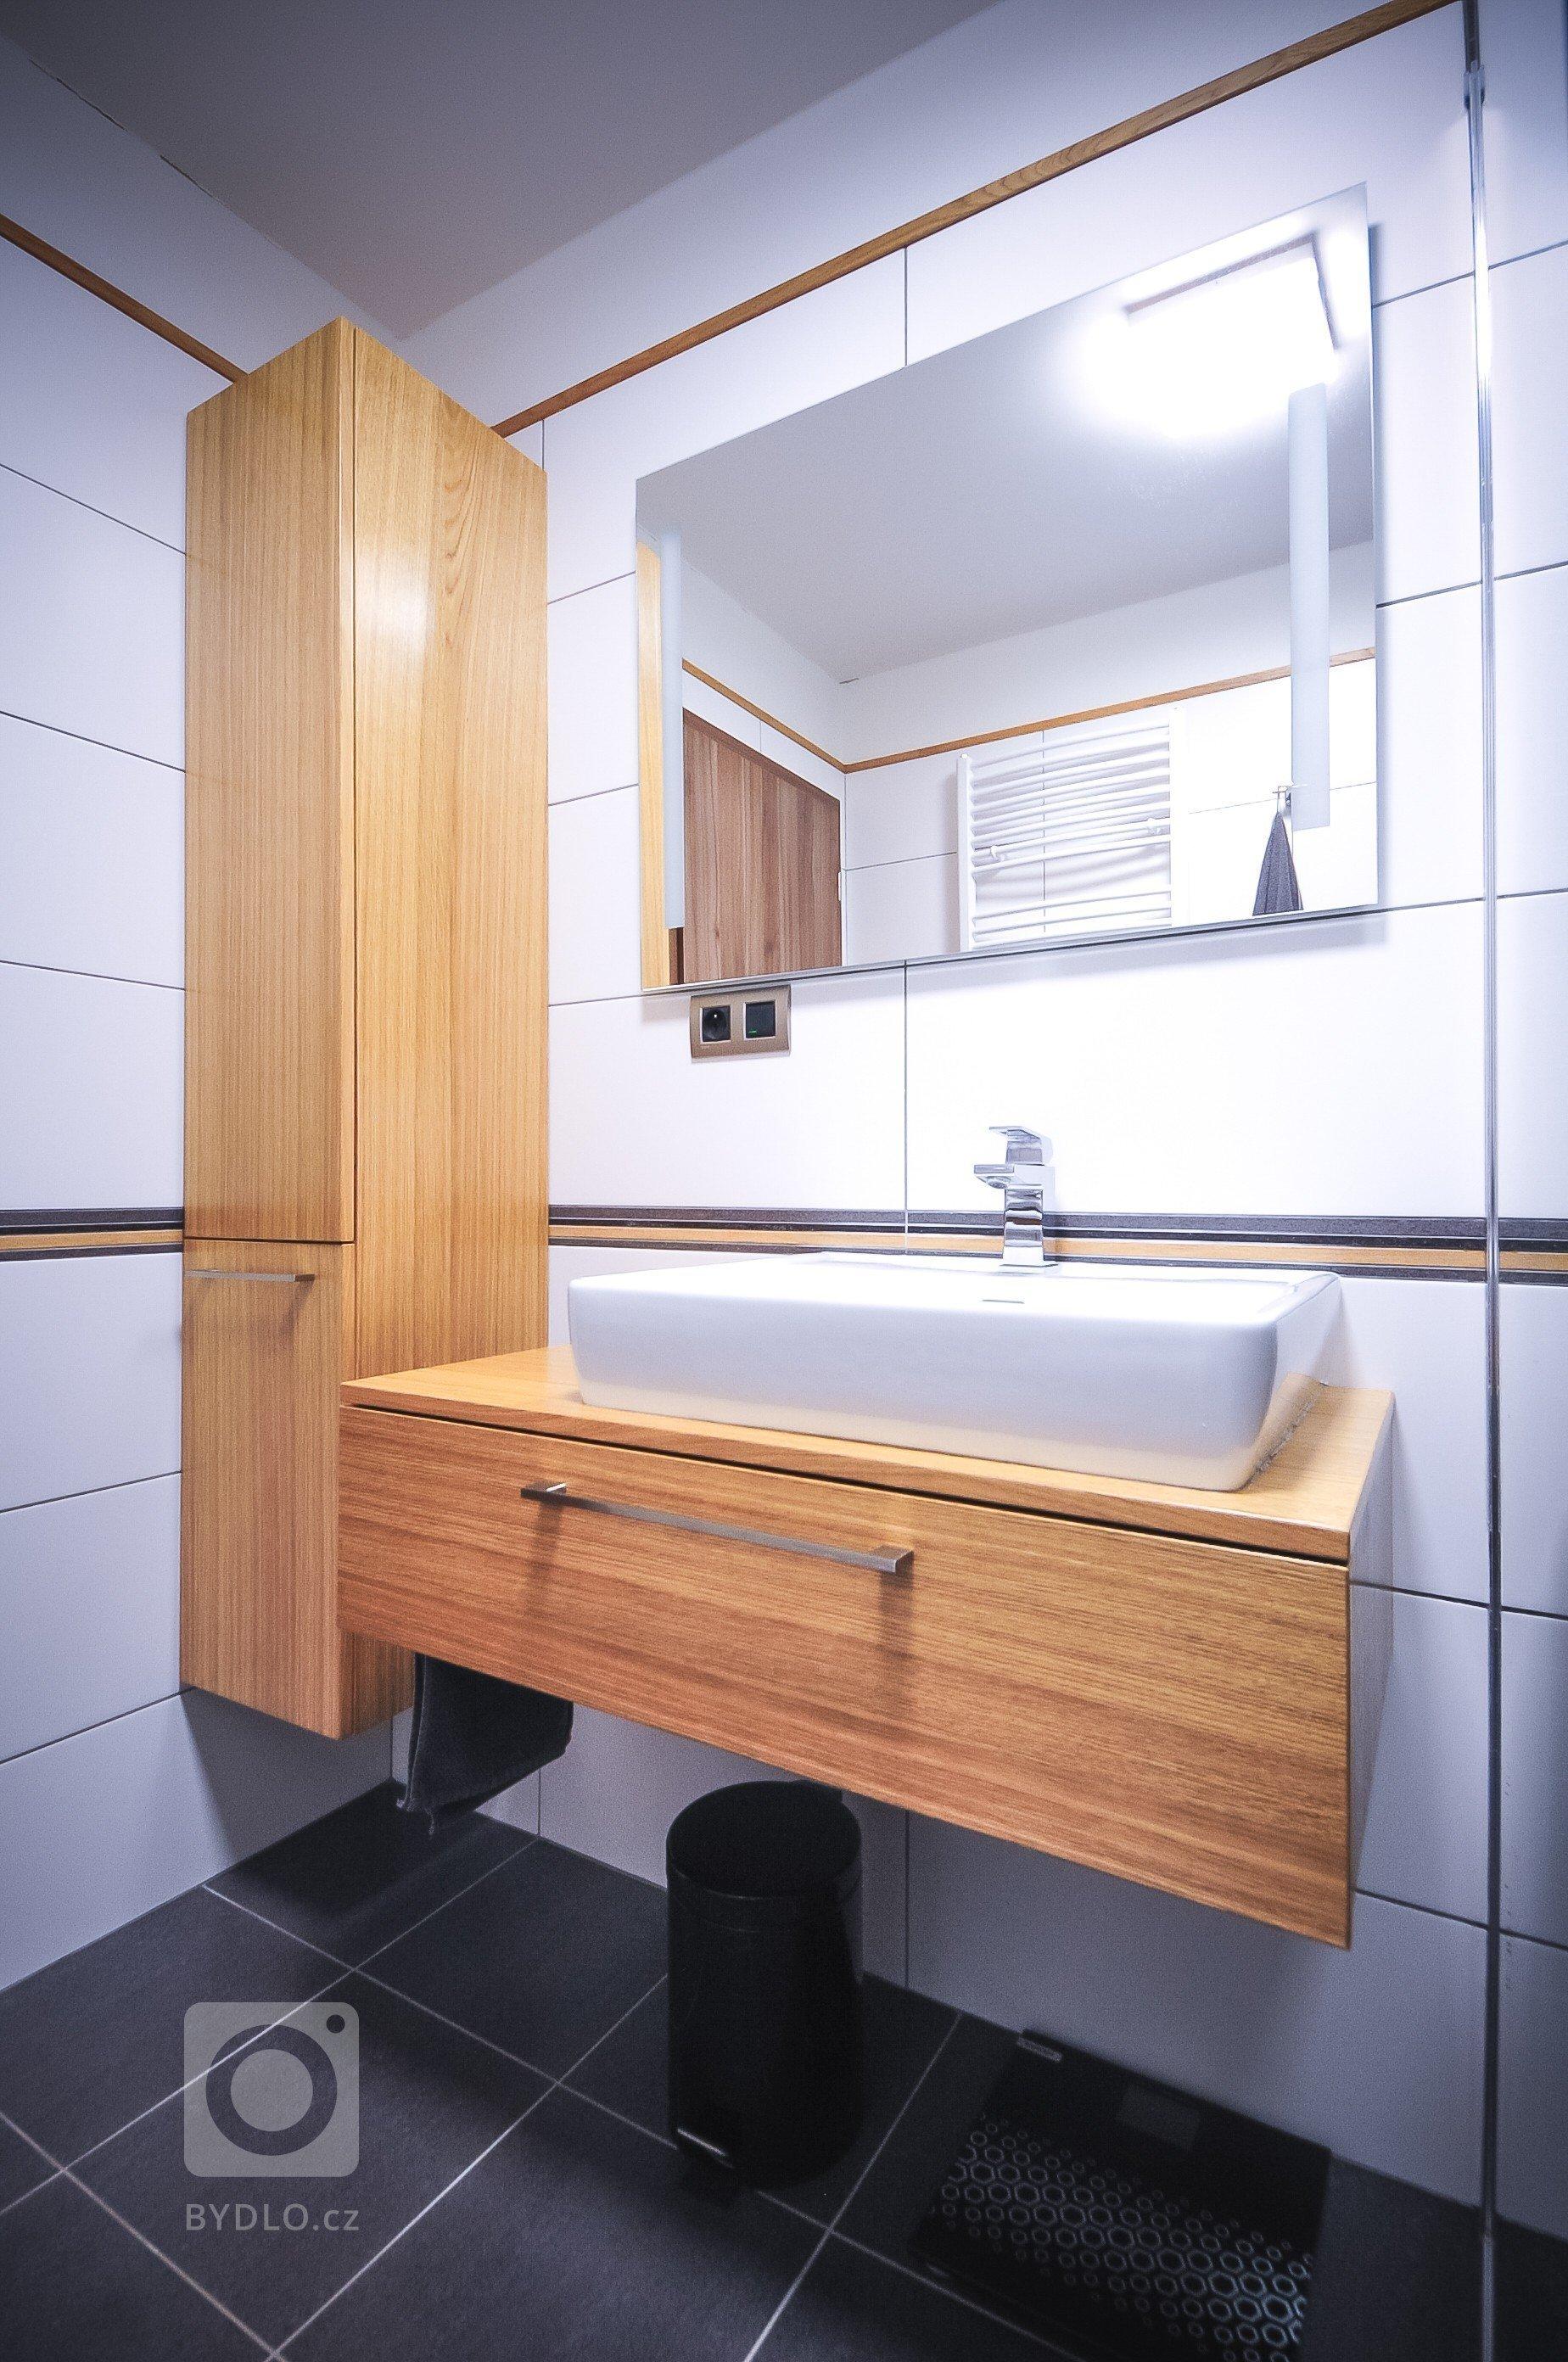 Jedná se o moderní byt s charakteristickými znaky jako je černý mat a přírodní dub. Celkový dojem dotváří doplňky, které zákazník zvolil velmi vhodně, mimo…